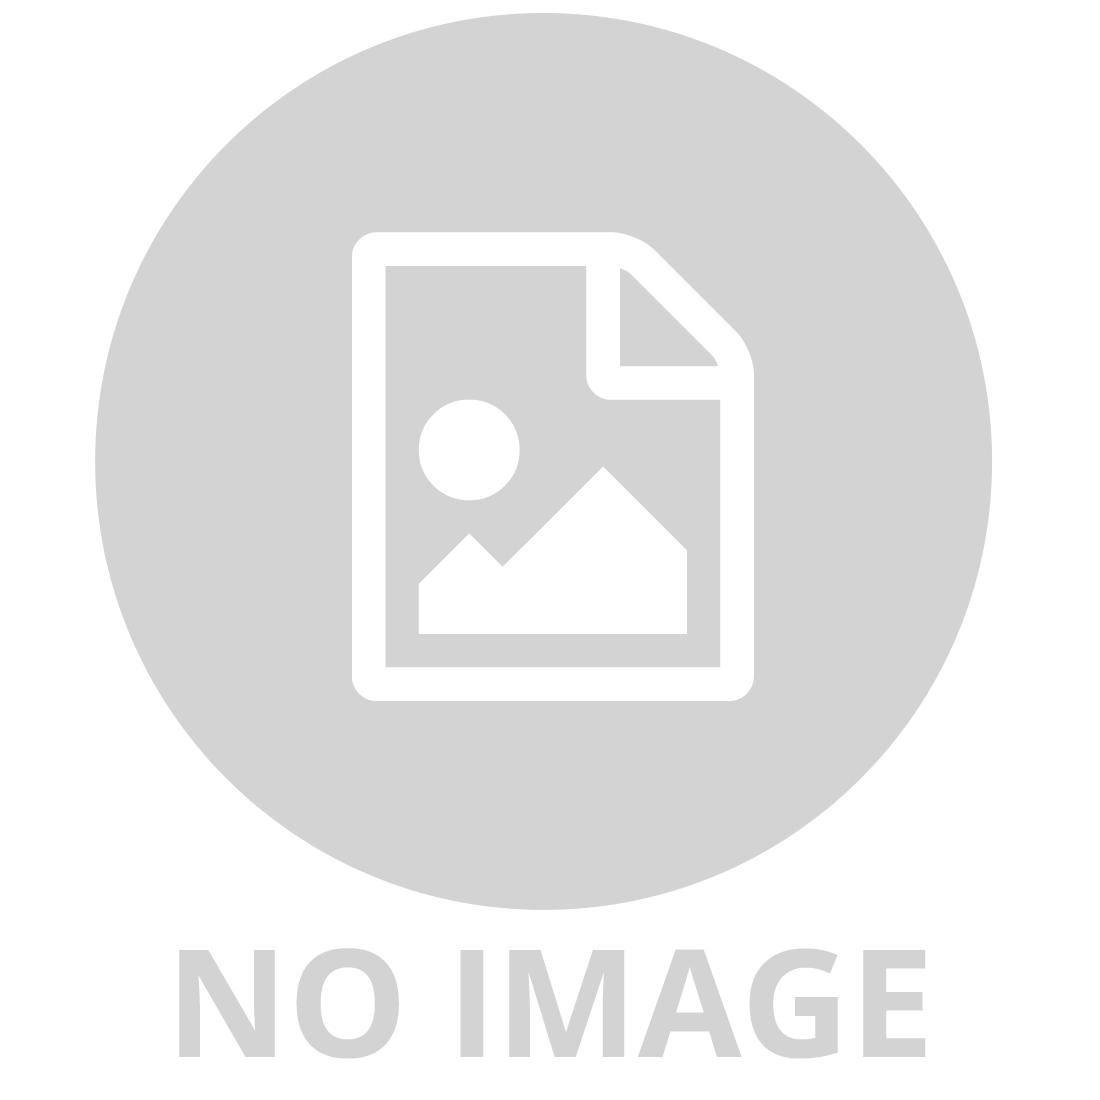 RAVENSBURGER 500 PIECE PUZZLE - SOLAR